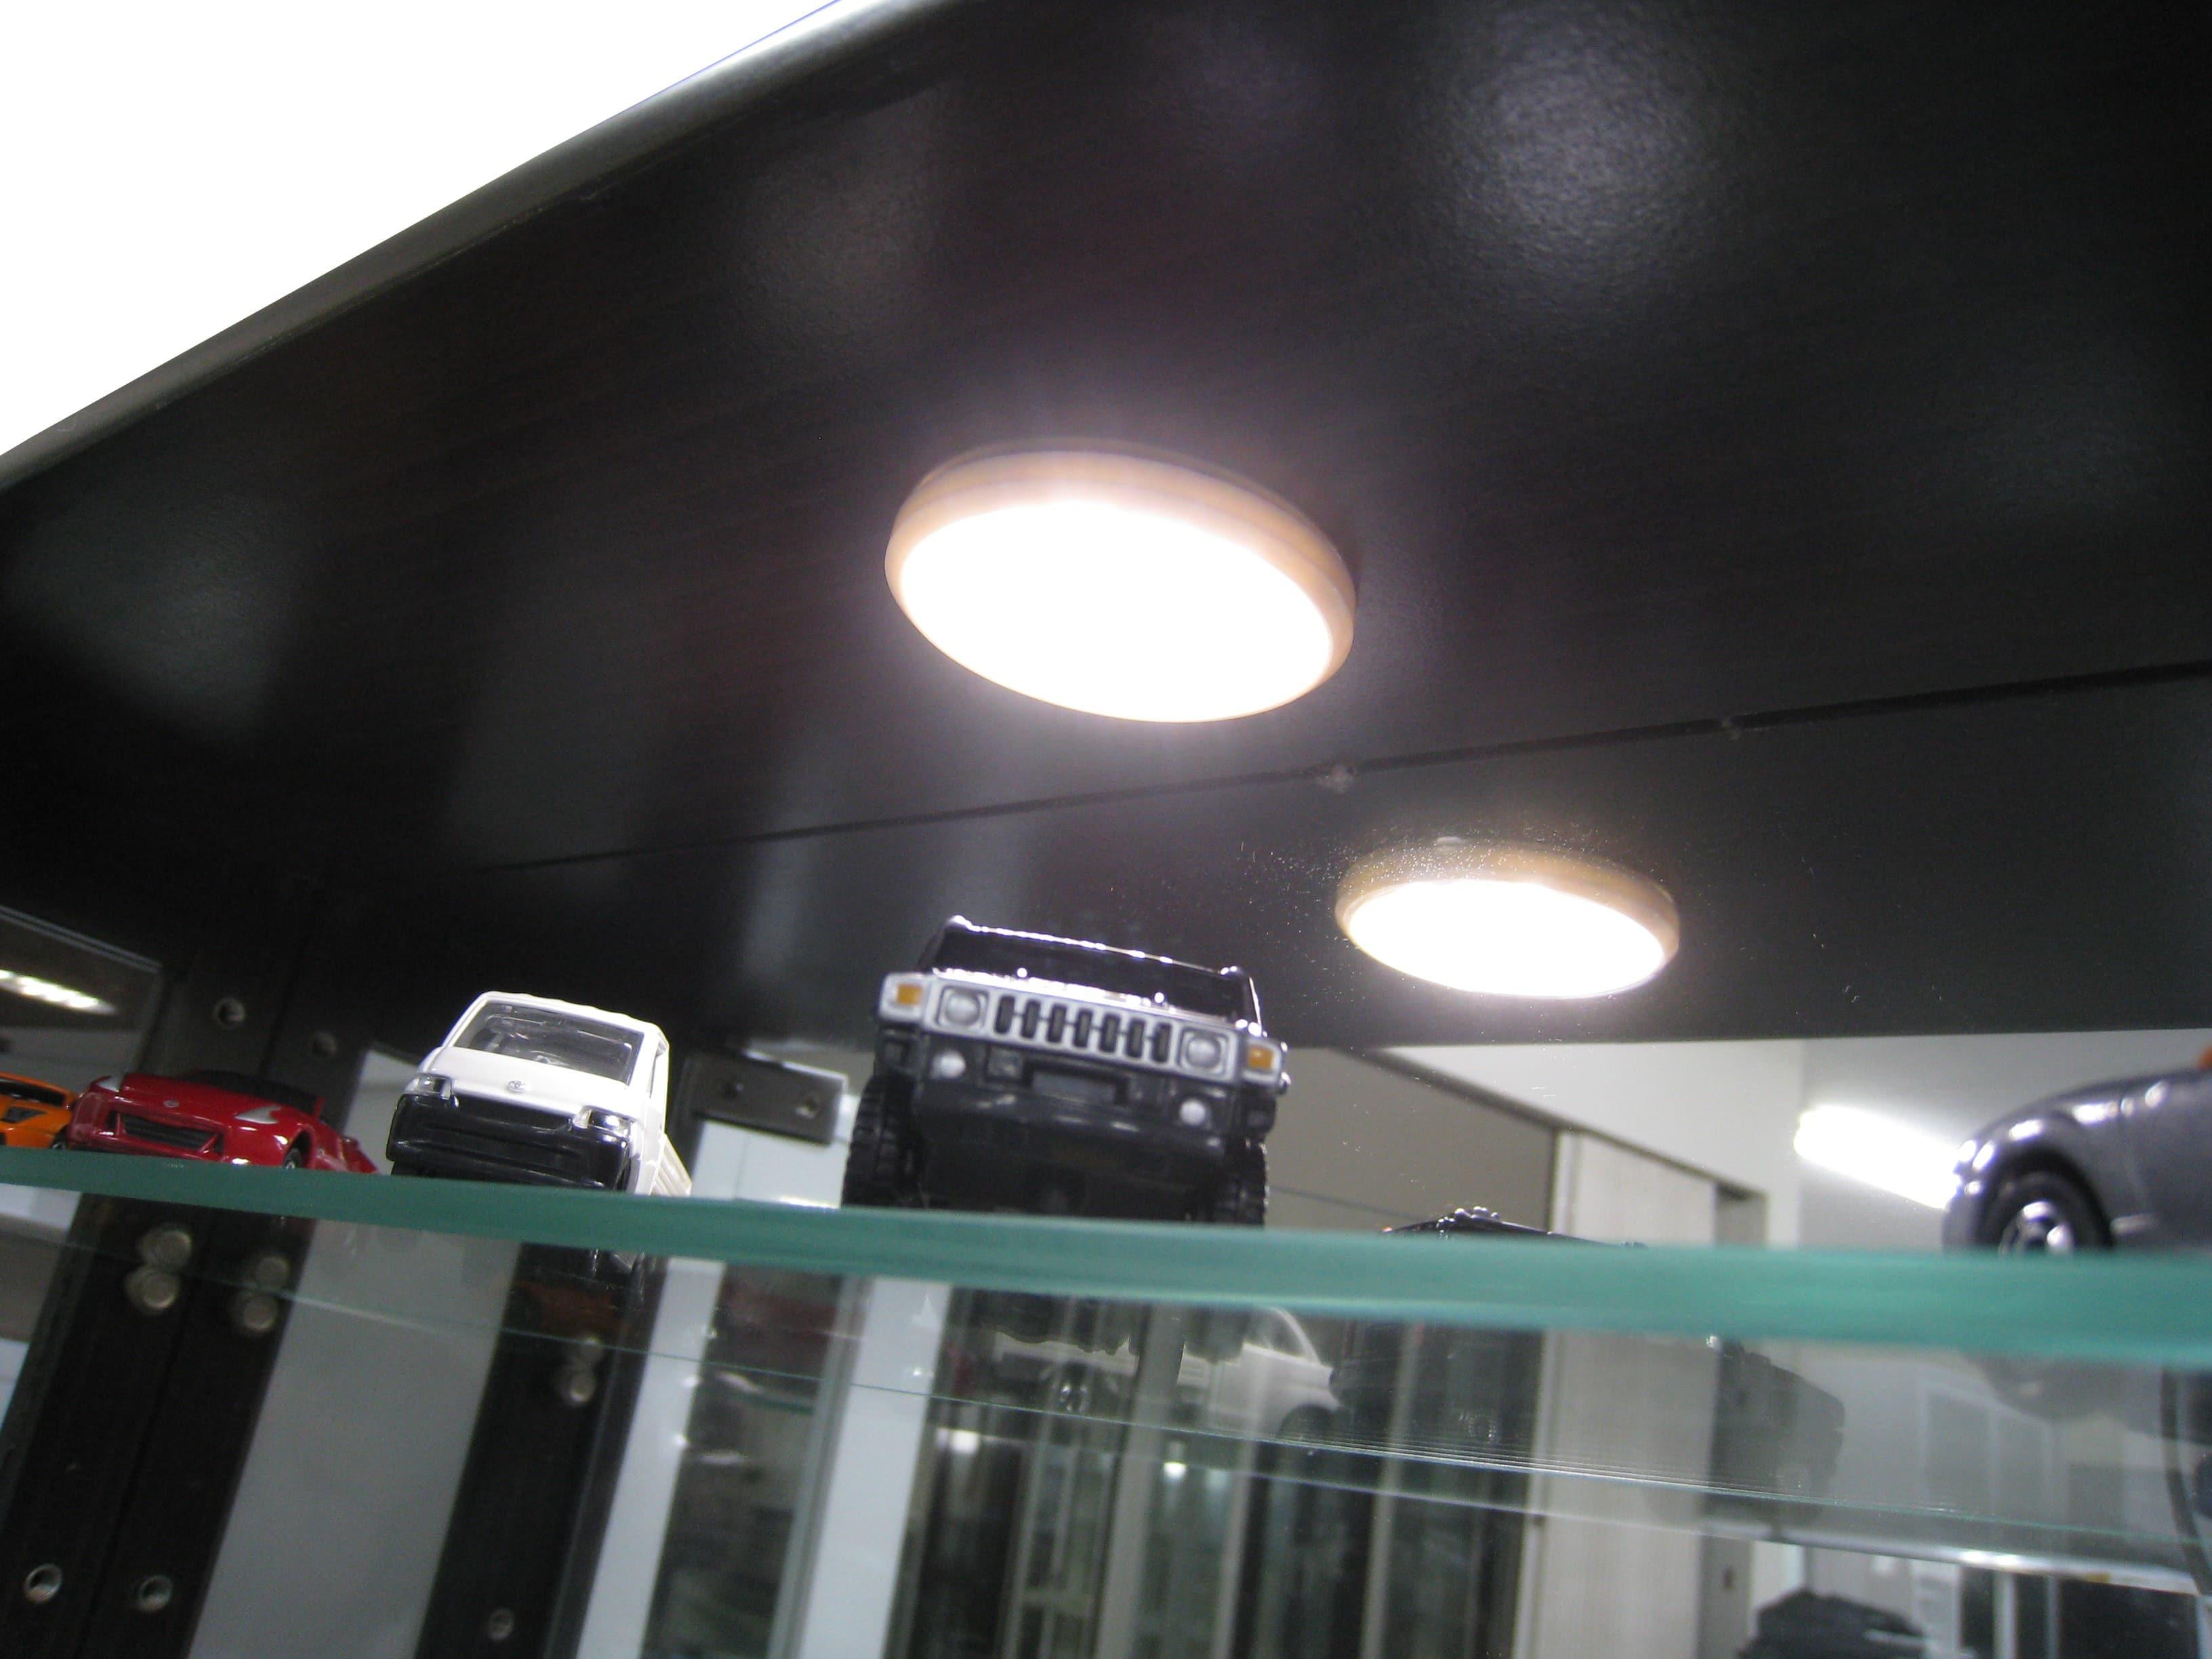 LEDライト リキッド 丸型LEDライト:LEDライト リキッド 丸型LEDライト